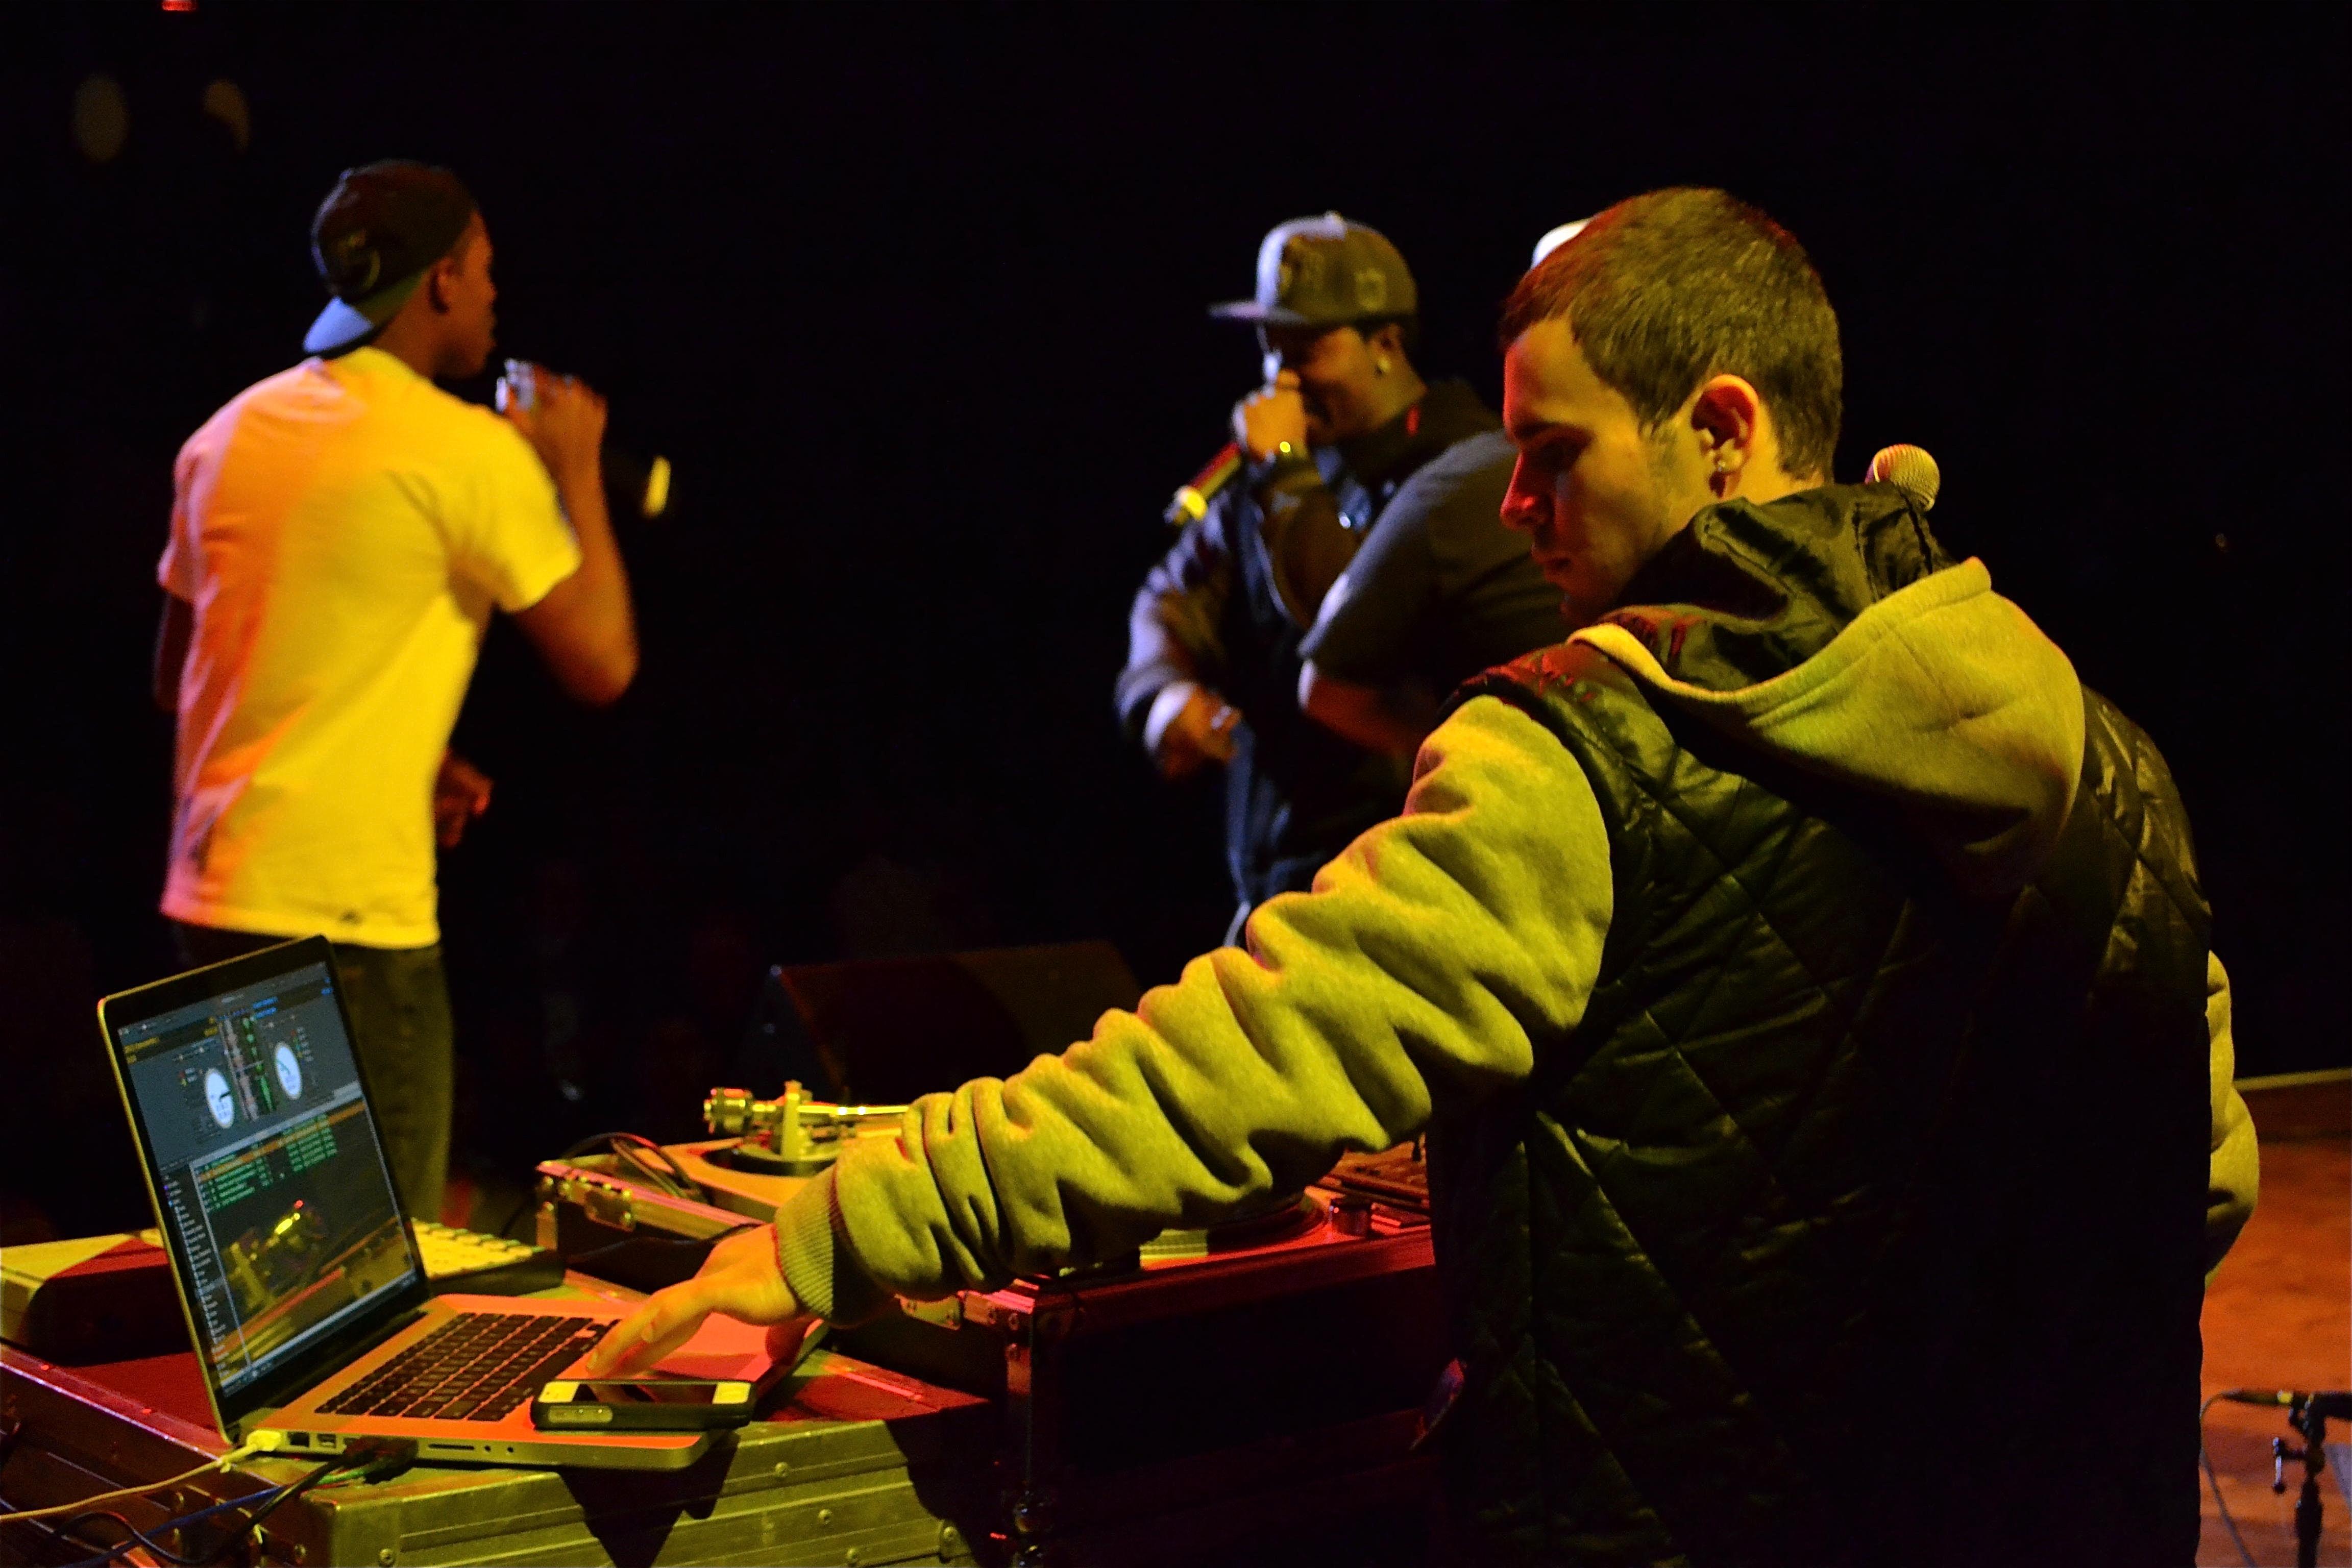 DJ Ell J. Cole That DJ Ell